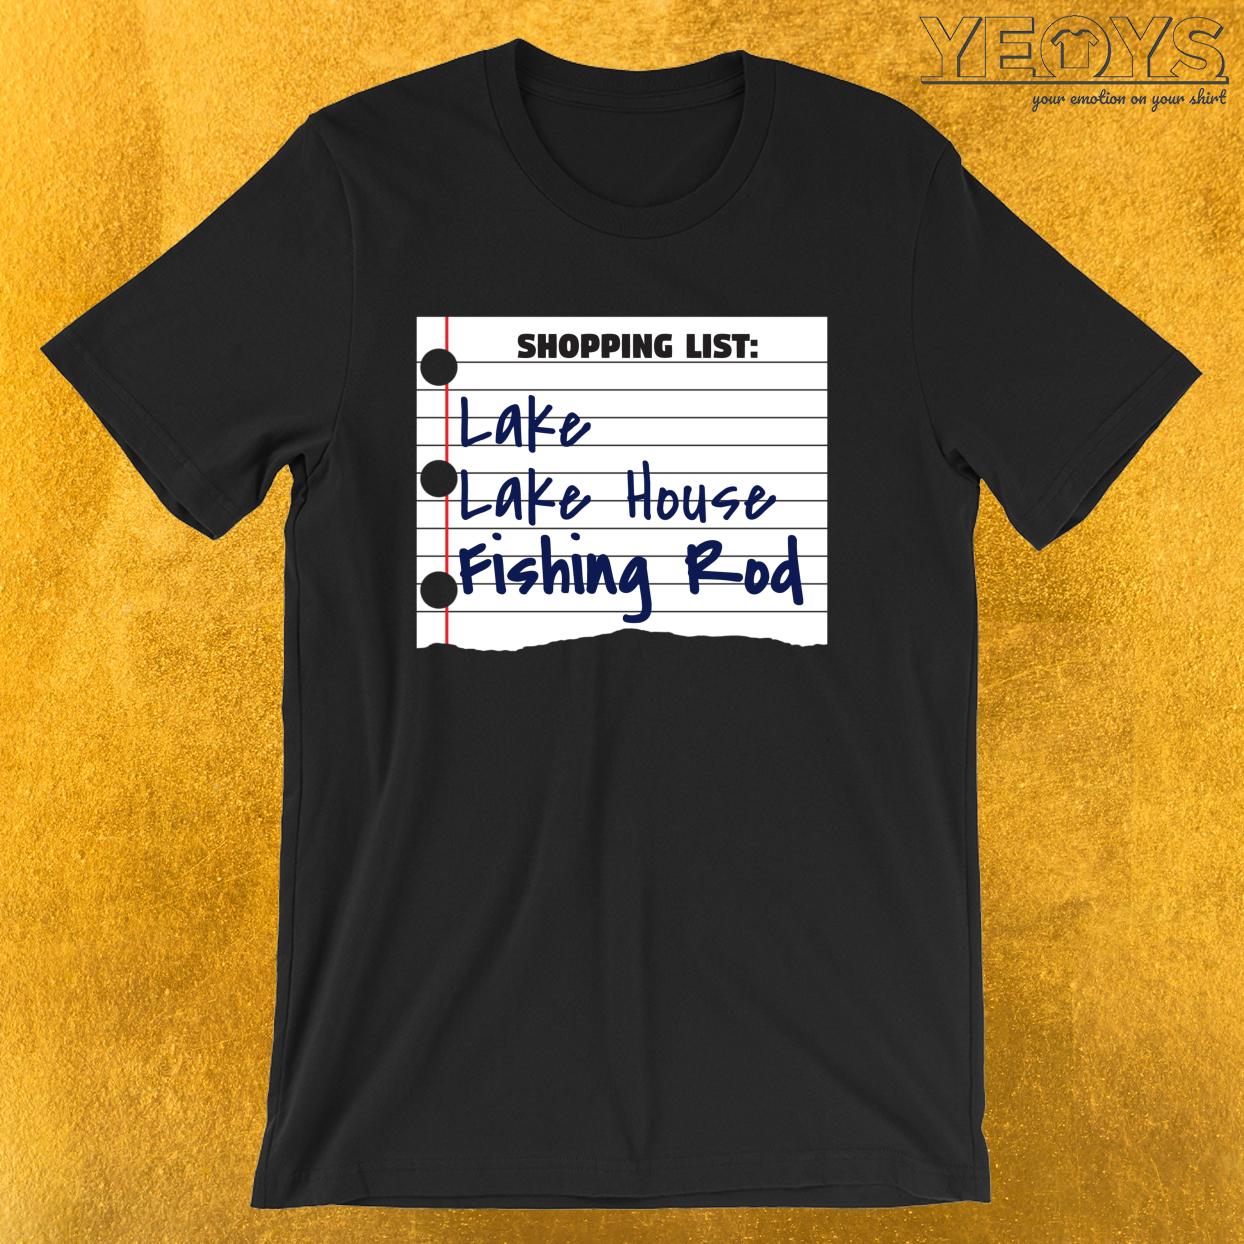 Shopping List Lake Lake House Fishing Rod – Old Fisherman Tee